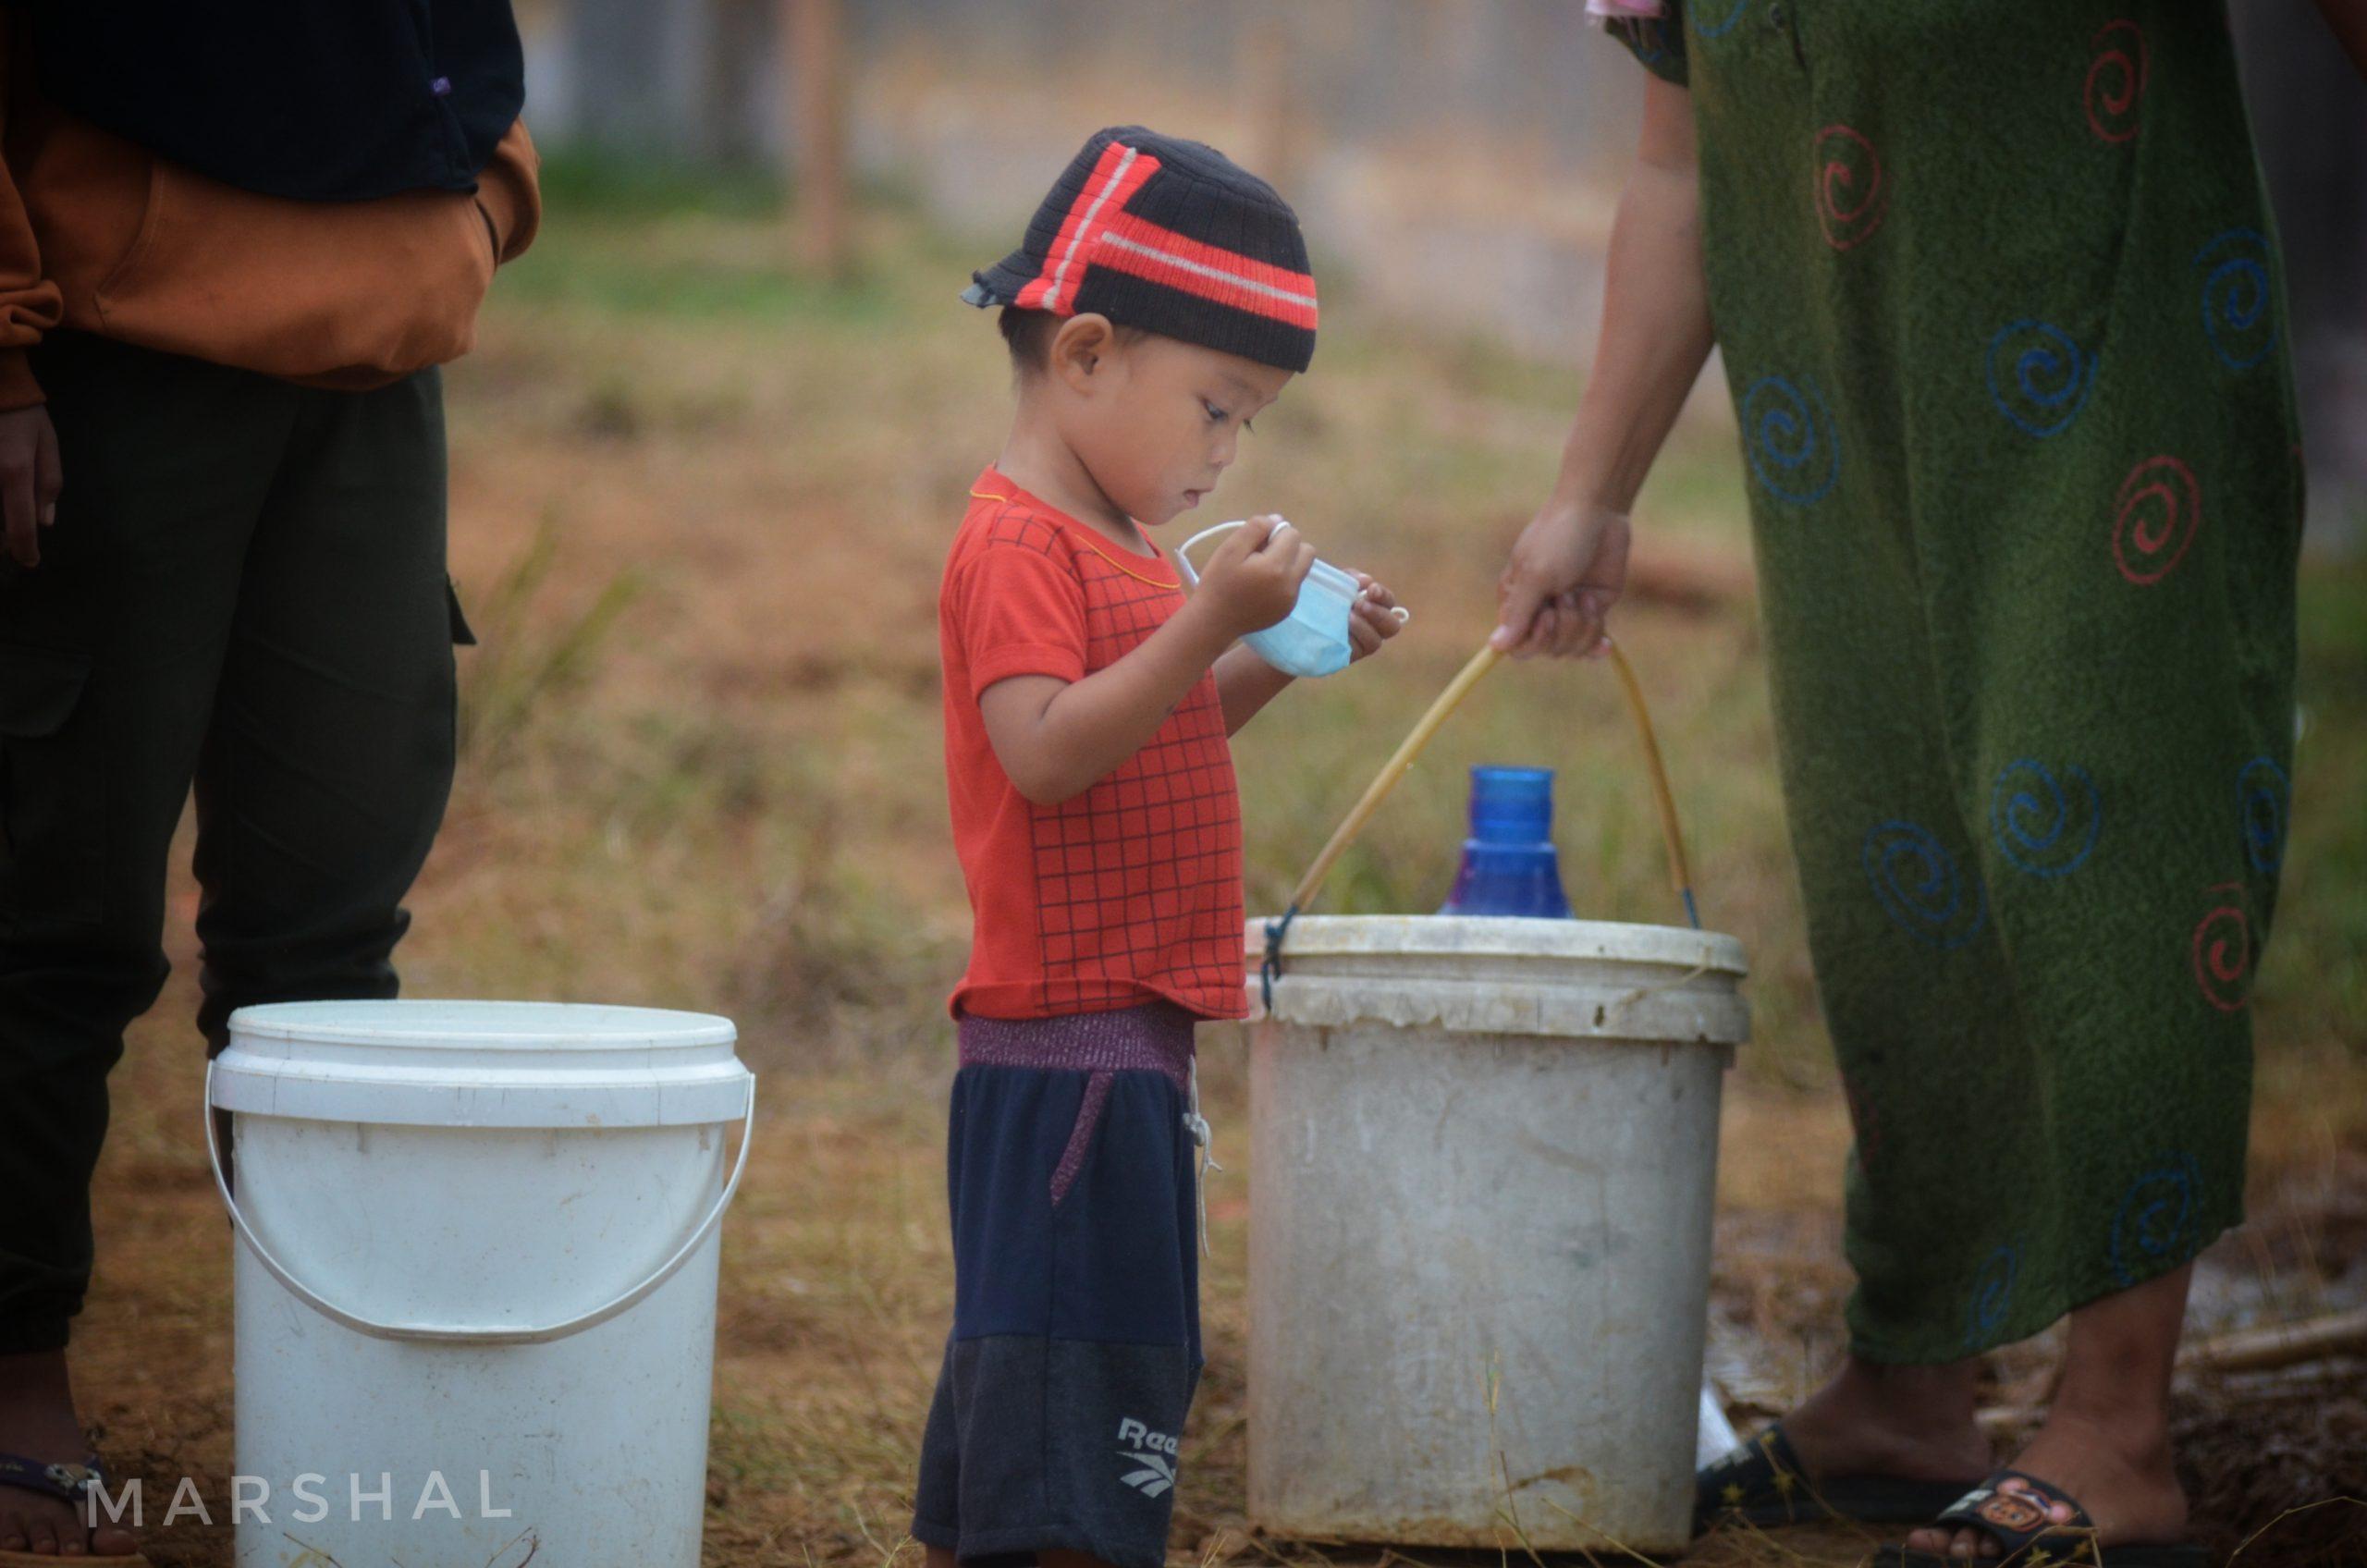 Warga di lokasi pengungsian korban gempa Mamuju, Sulawesi Barat tetap dianjurkan untuk mematuhi protokol kesehatan dengan memakai masker